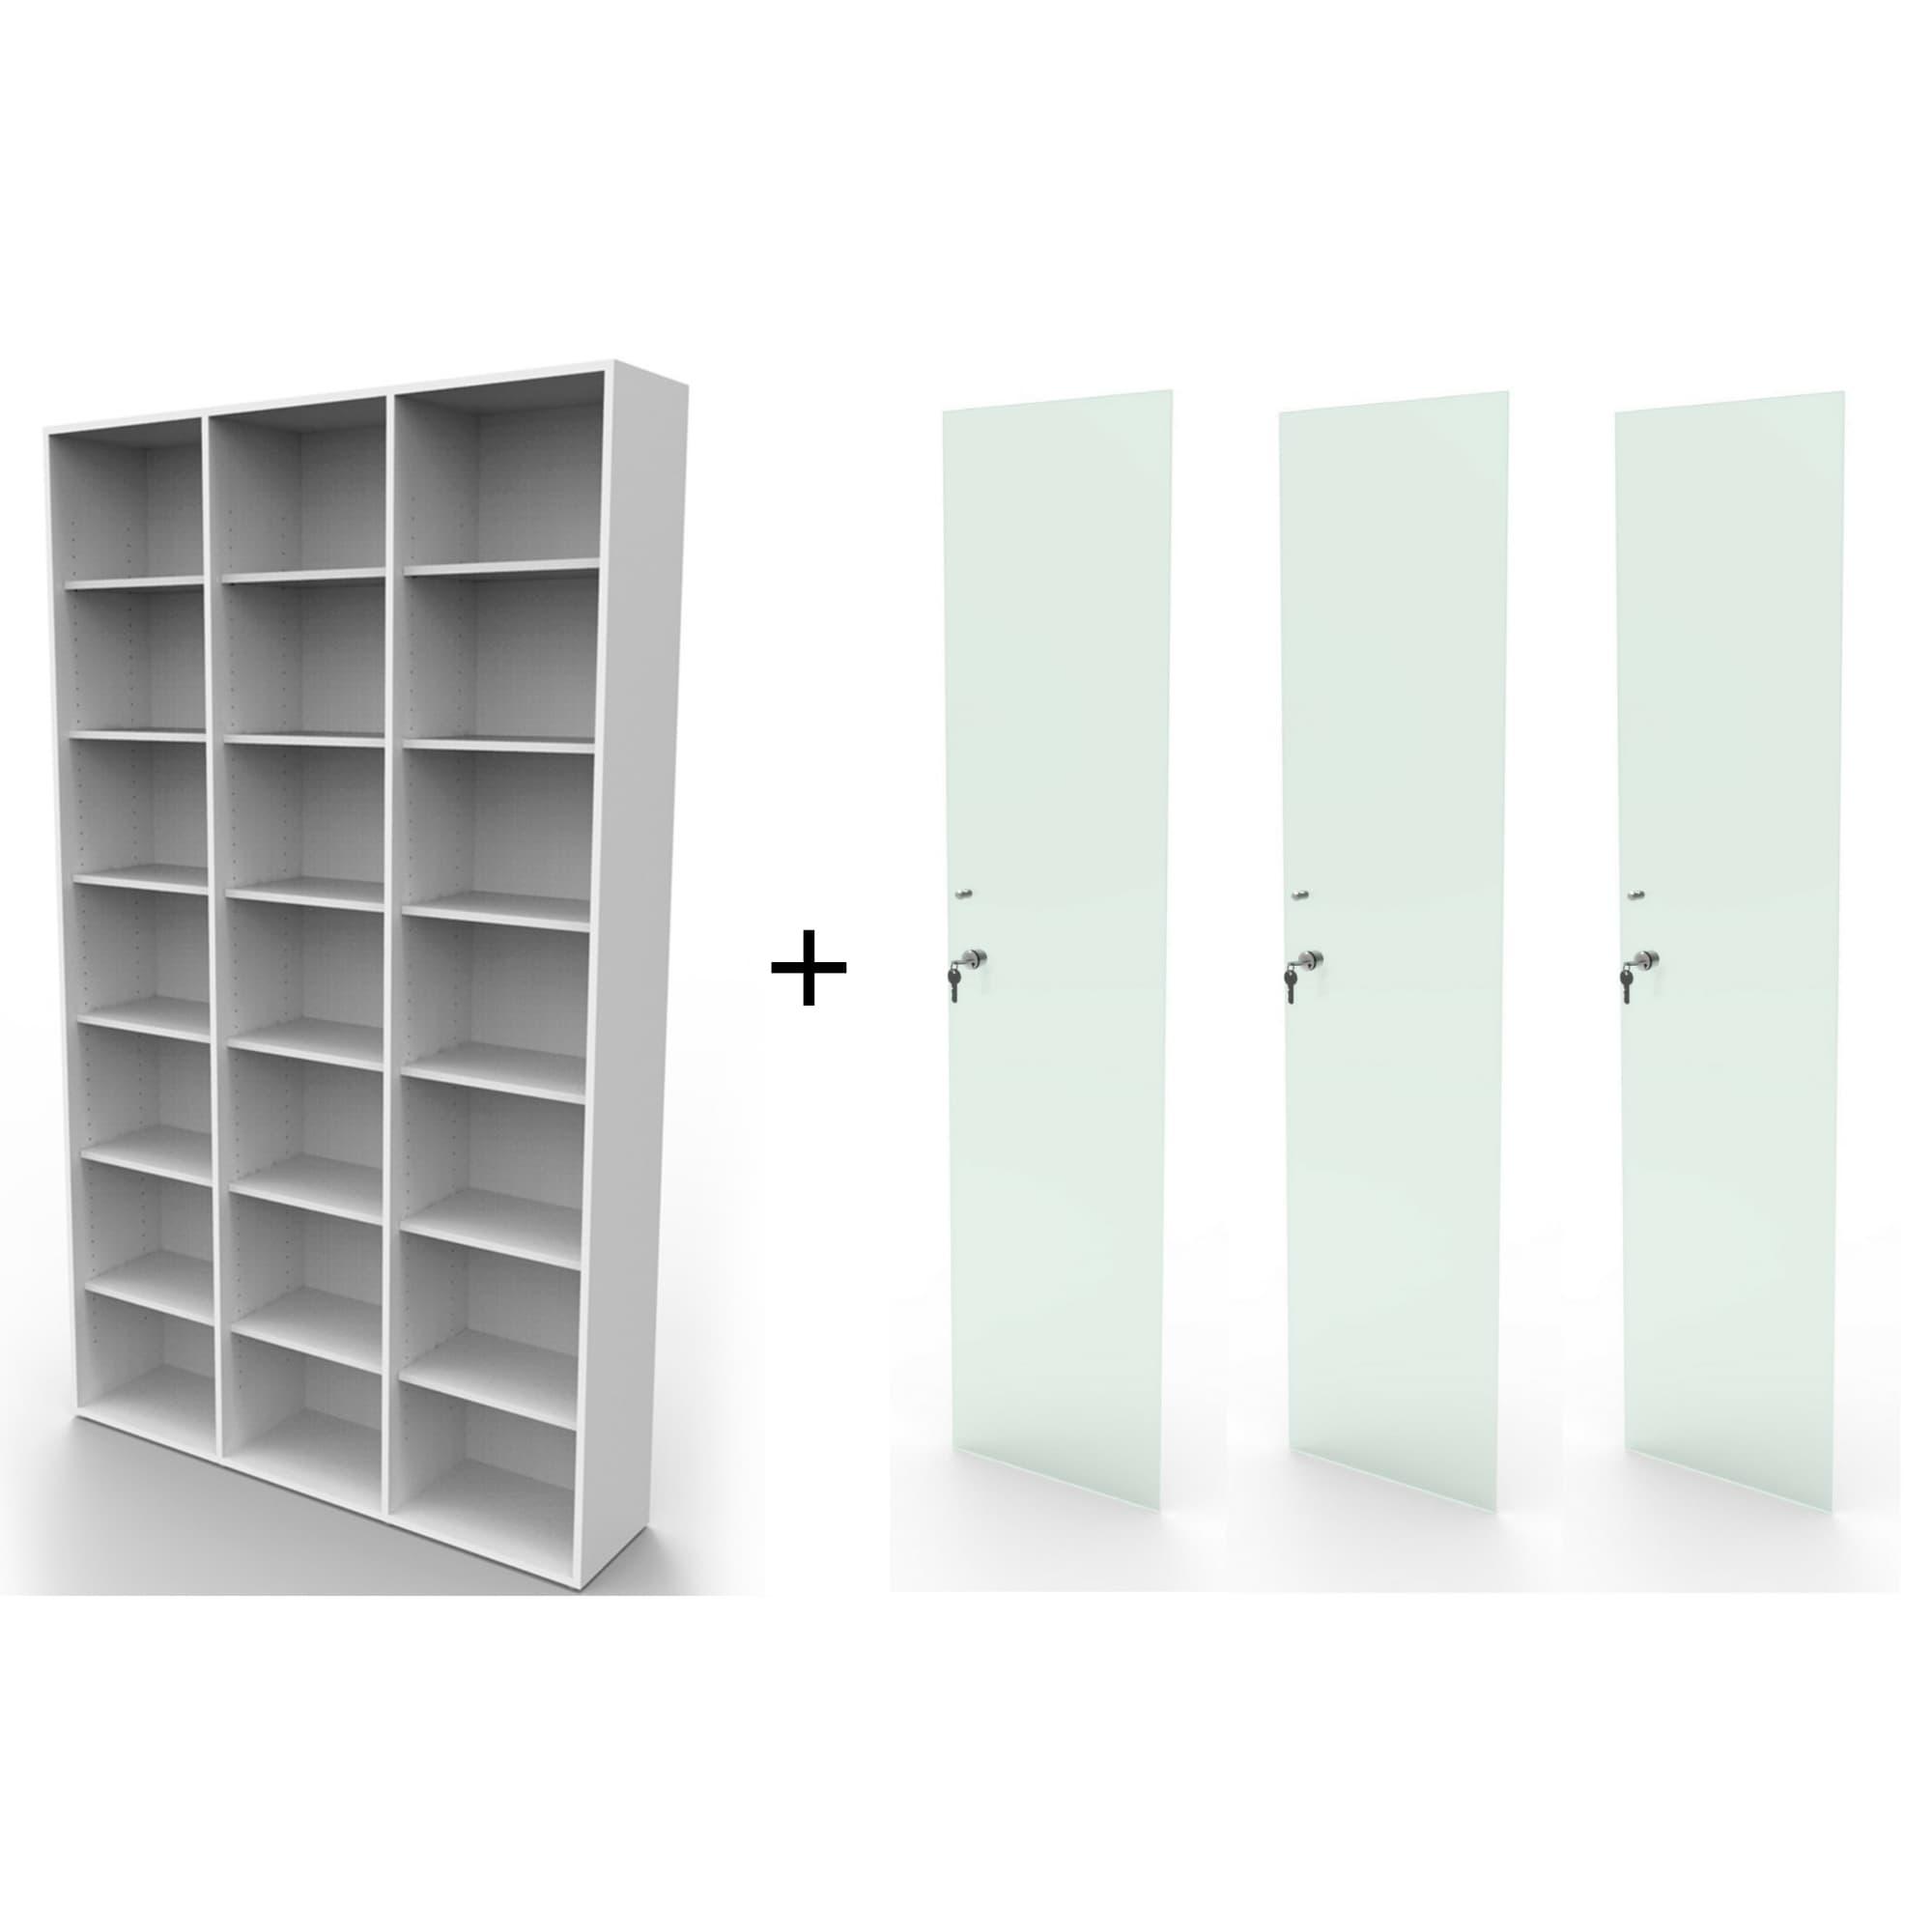 Estante bookcase BK03BR com porta de vidro com chave